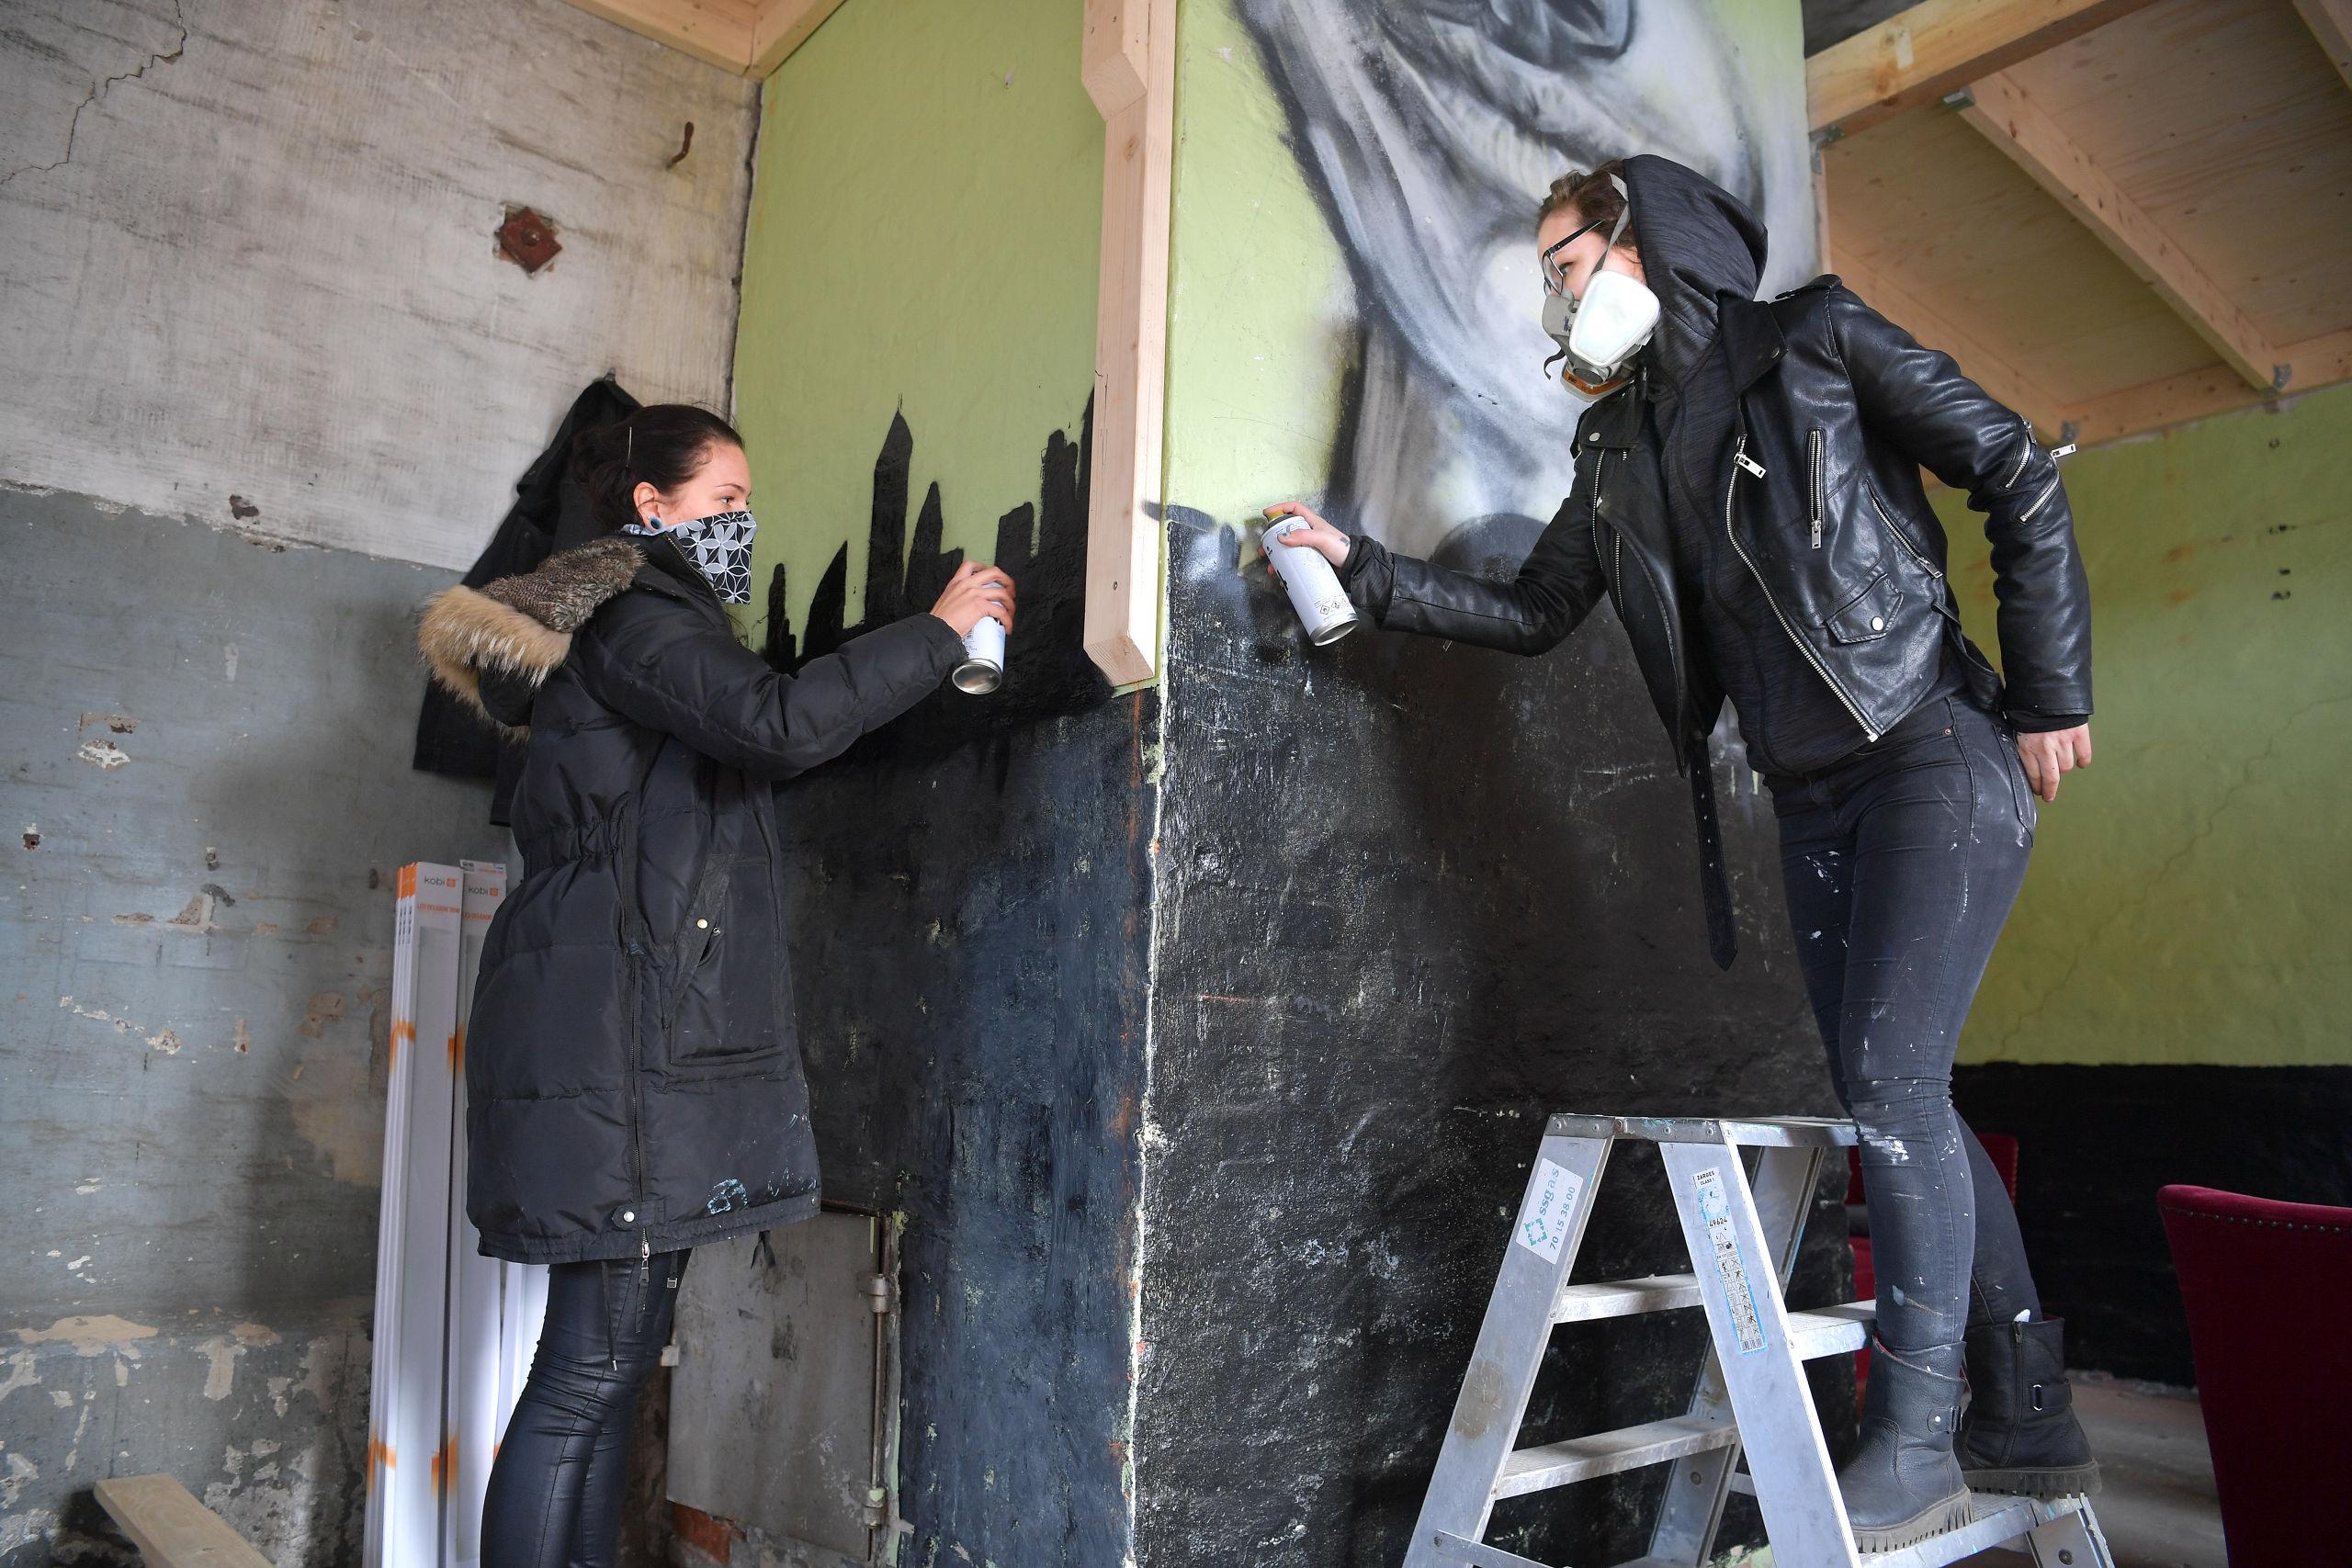 Arbejdet med at gøre det nye atelier klar er i fuld gang. Foto: Claus Søndberg